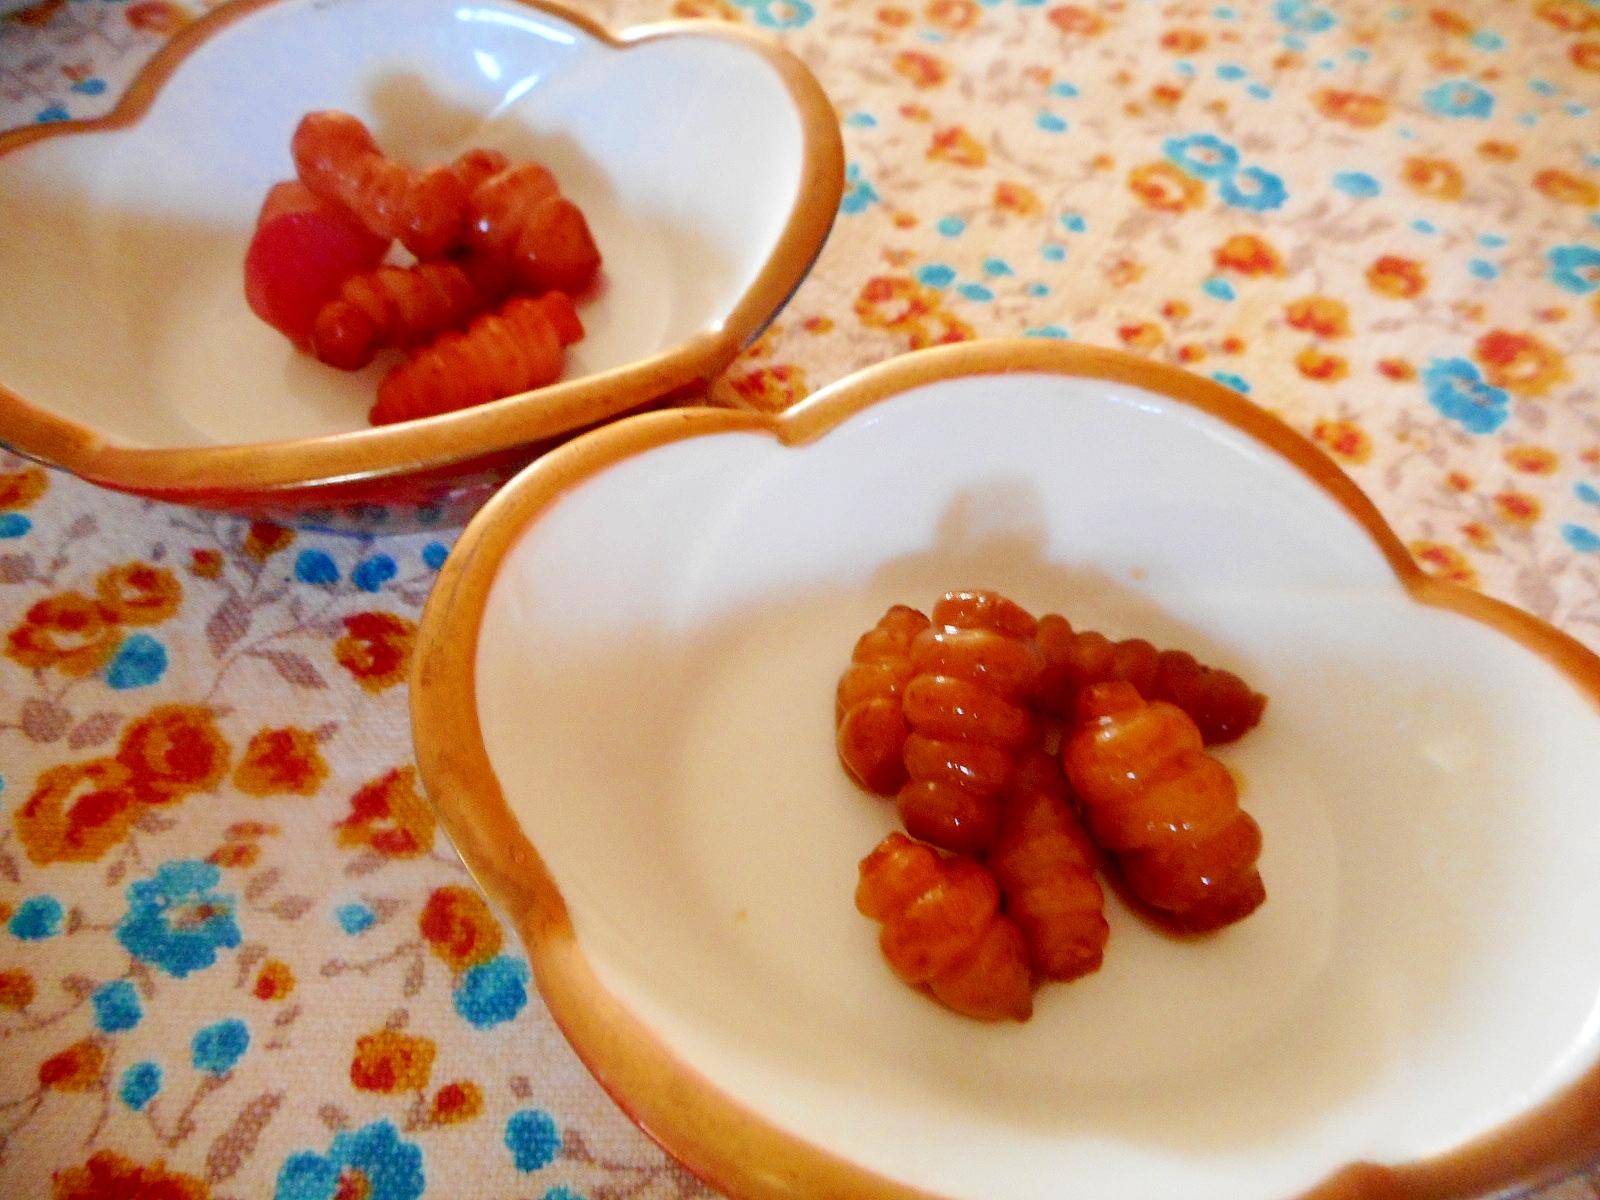 お皿に盛られたチョロギ